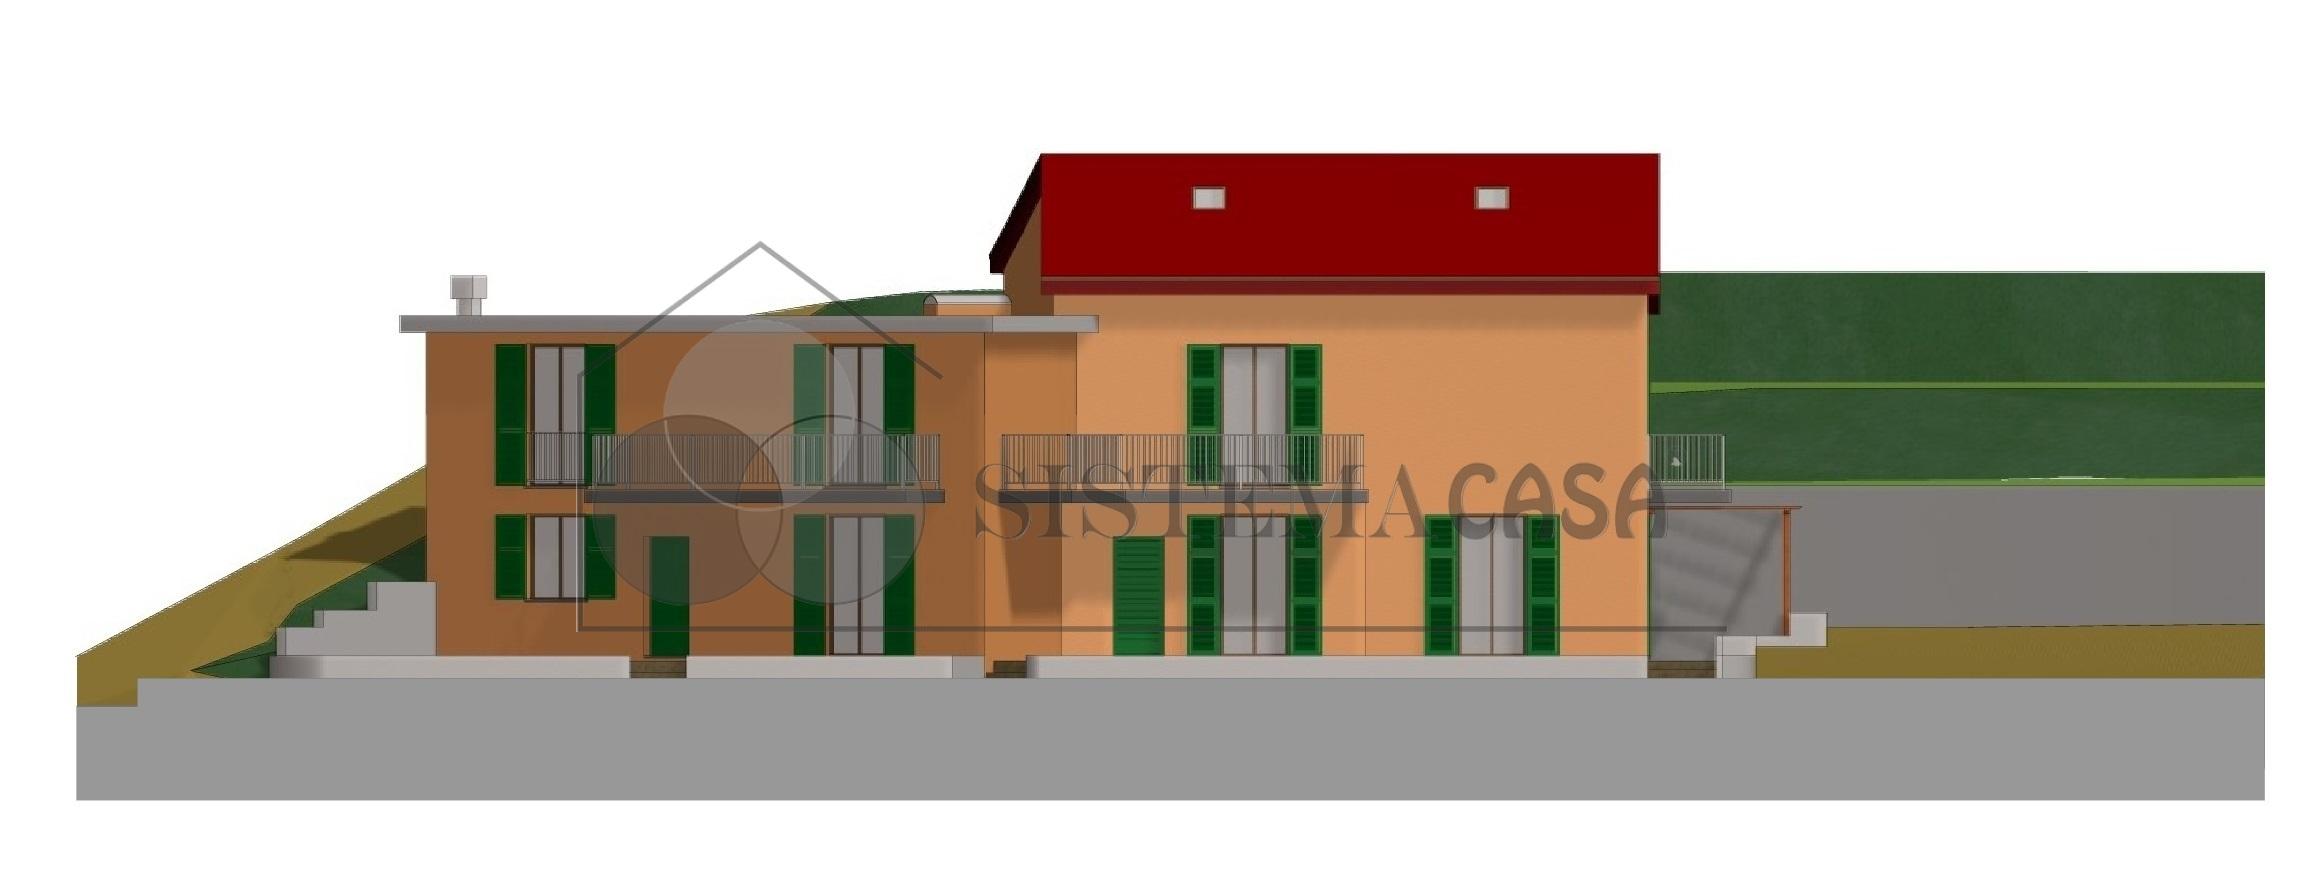 Vendita Semindipendente Villa a schiera a La Spezia, Carozzo - San Venerio (SP) - A207